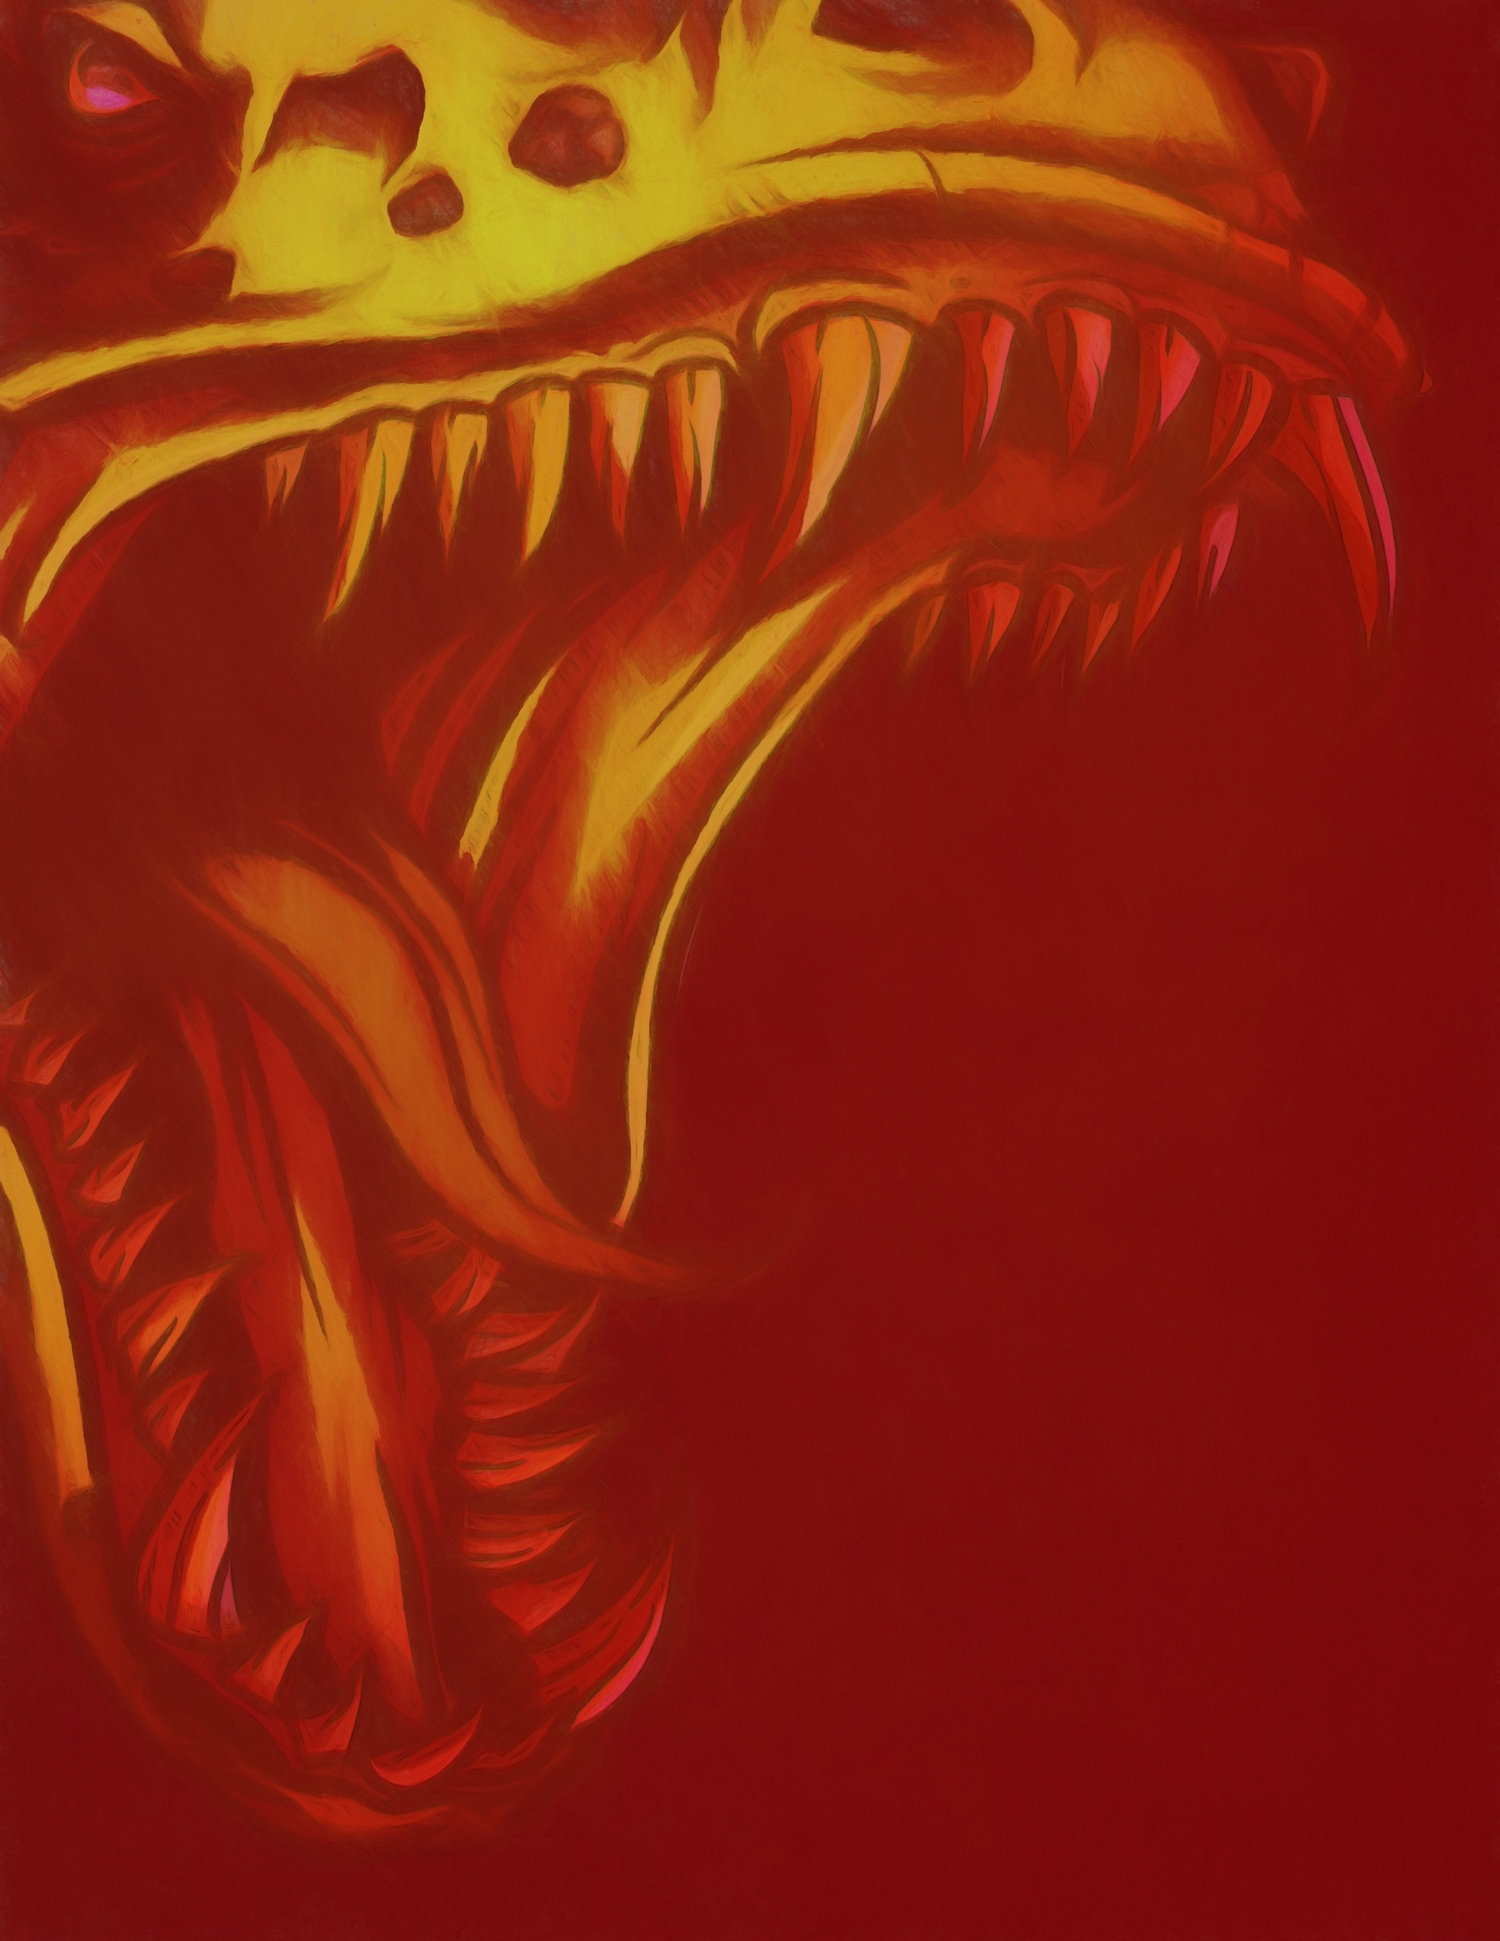 Dragon_1500.jpg